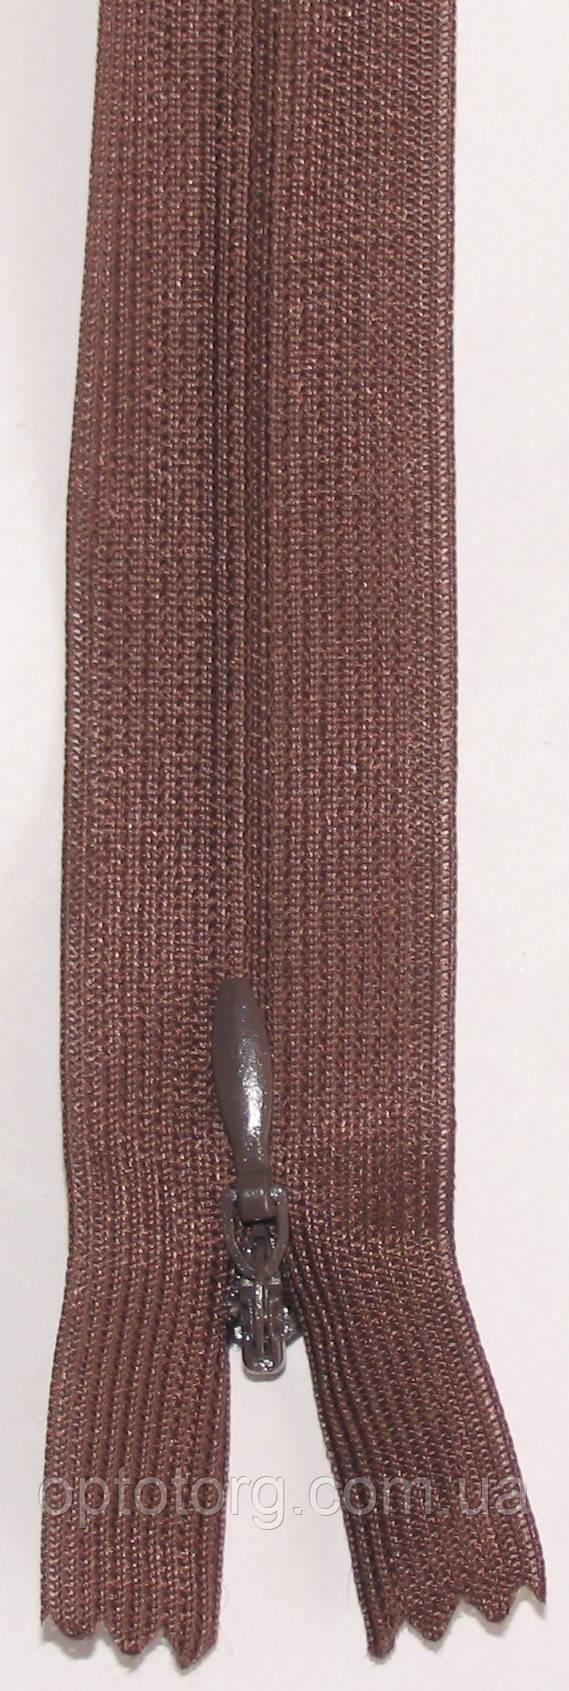 Черная потайная неразъмная пластиковая молния, змейка длина 50см оптом от optotorg.com.ua